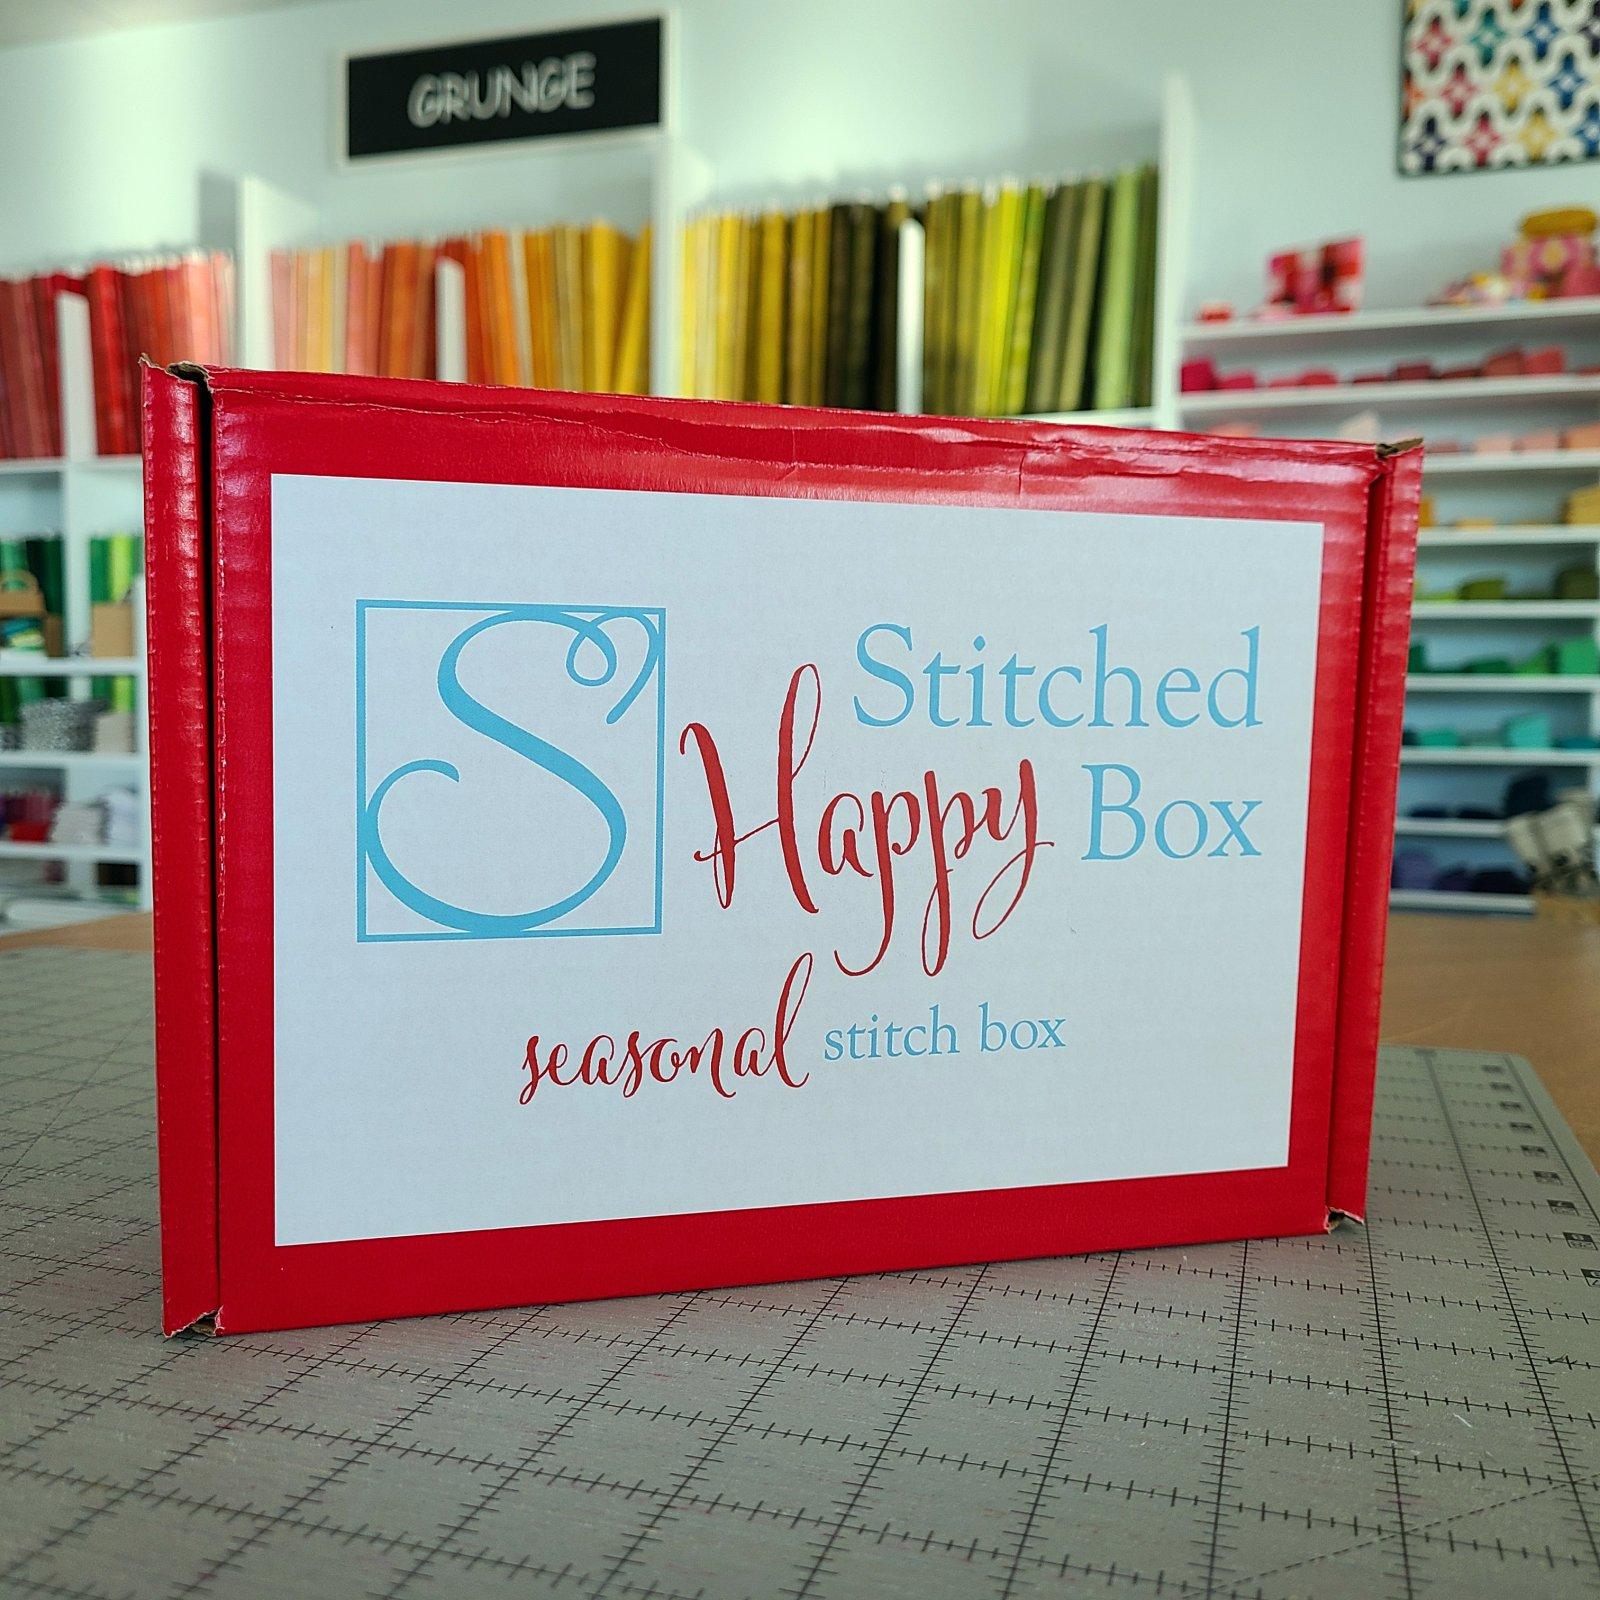 Seasonal Stitched Happy Box - must be shipped